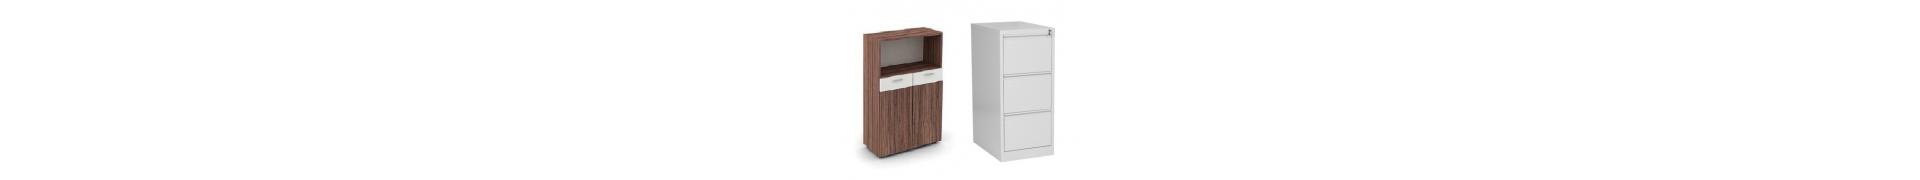 Офис шкафове и контейнери за всеки офис на ТОП Цени от Officeshop